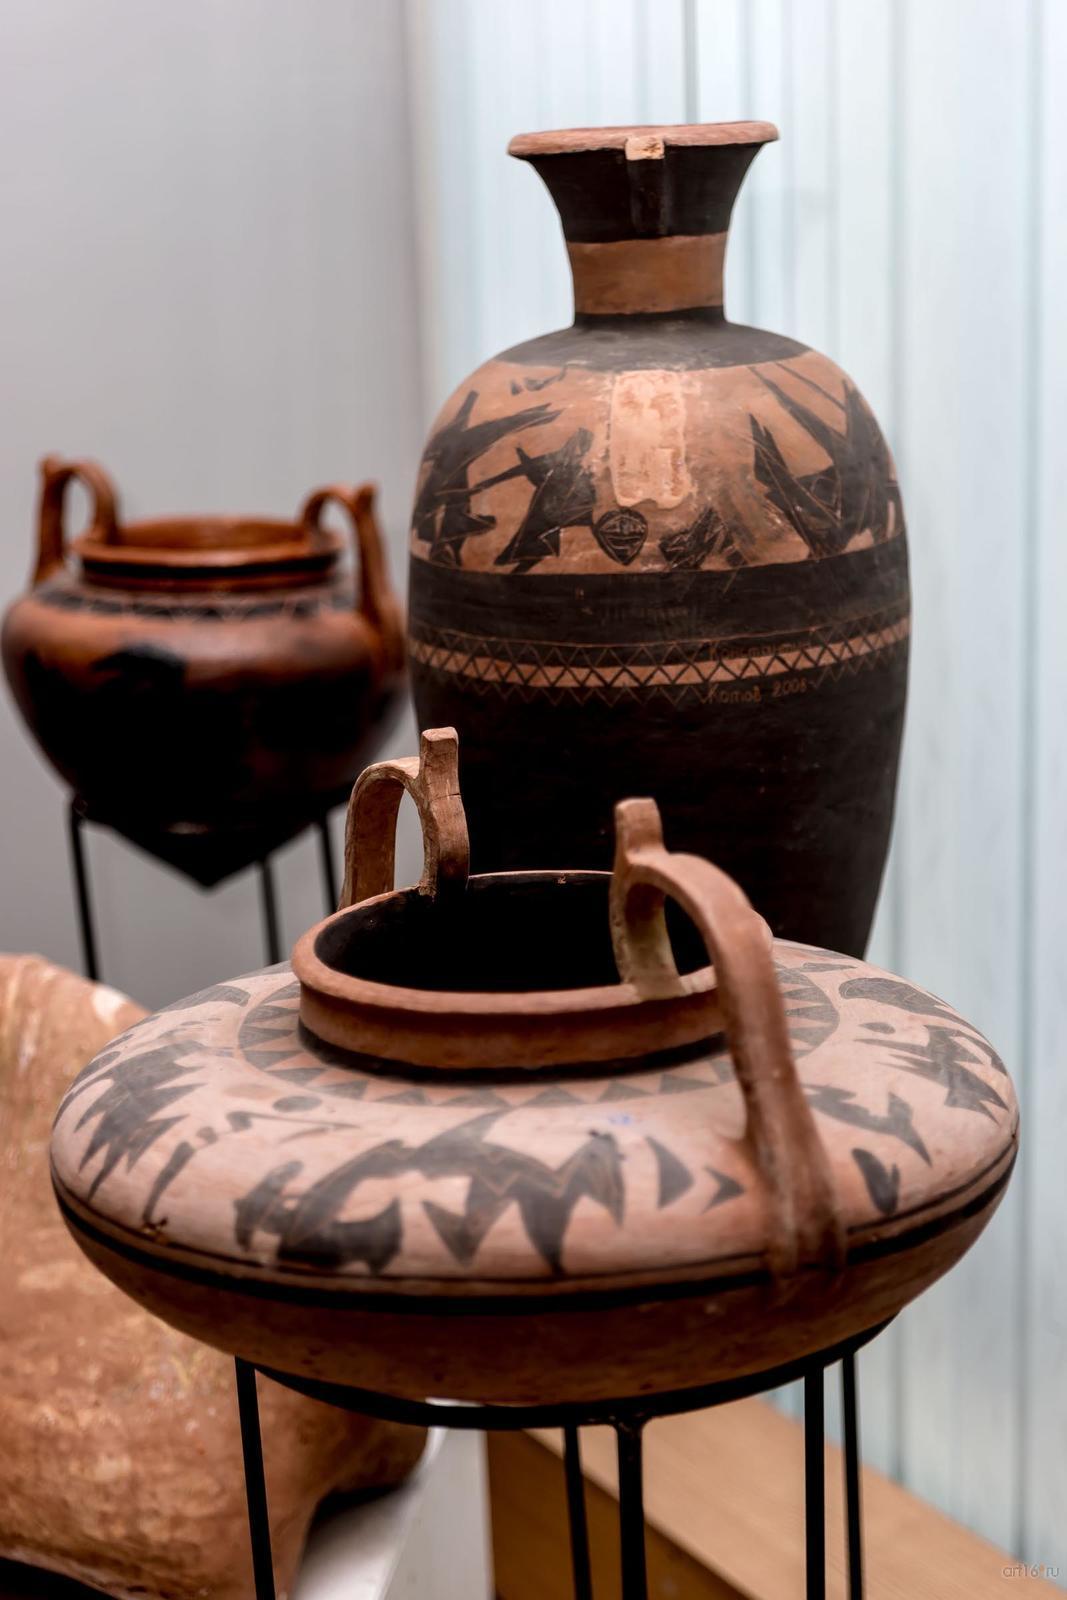 Фото №859819. Фрагмент экспозиции. Керамика